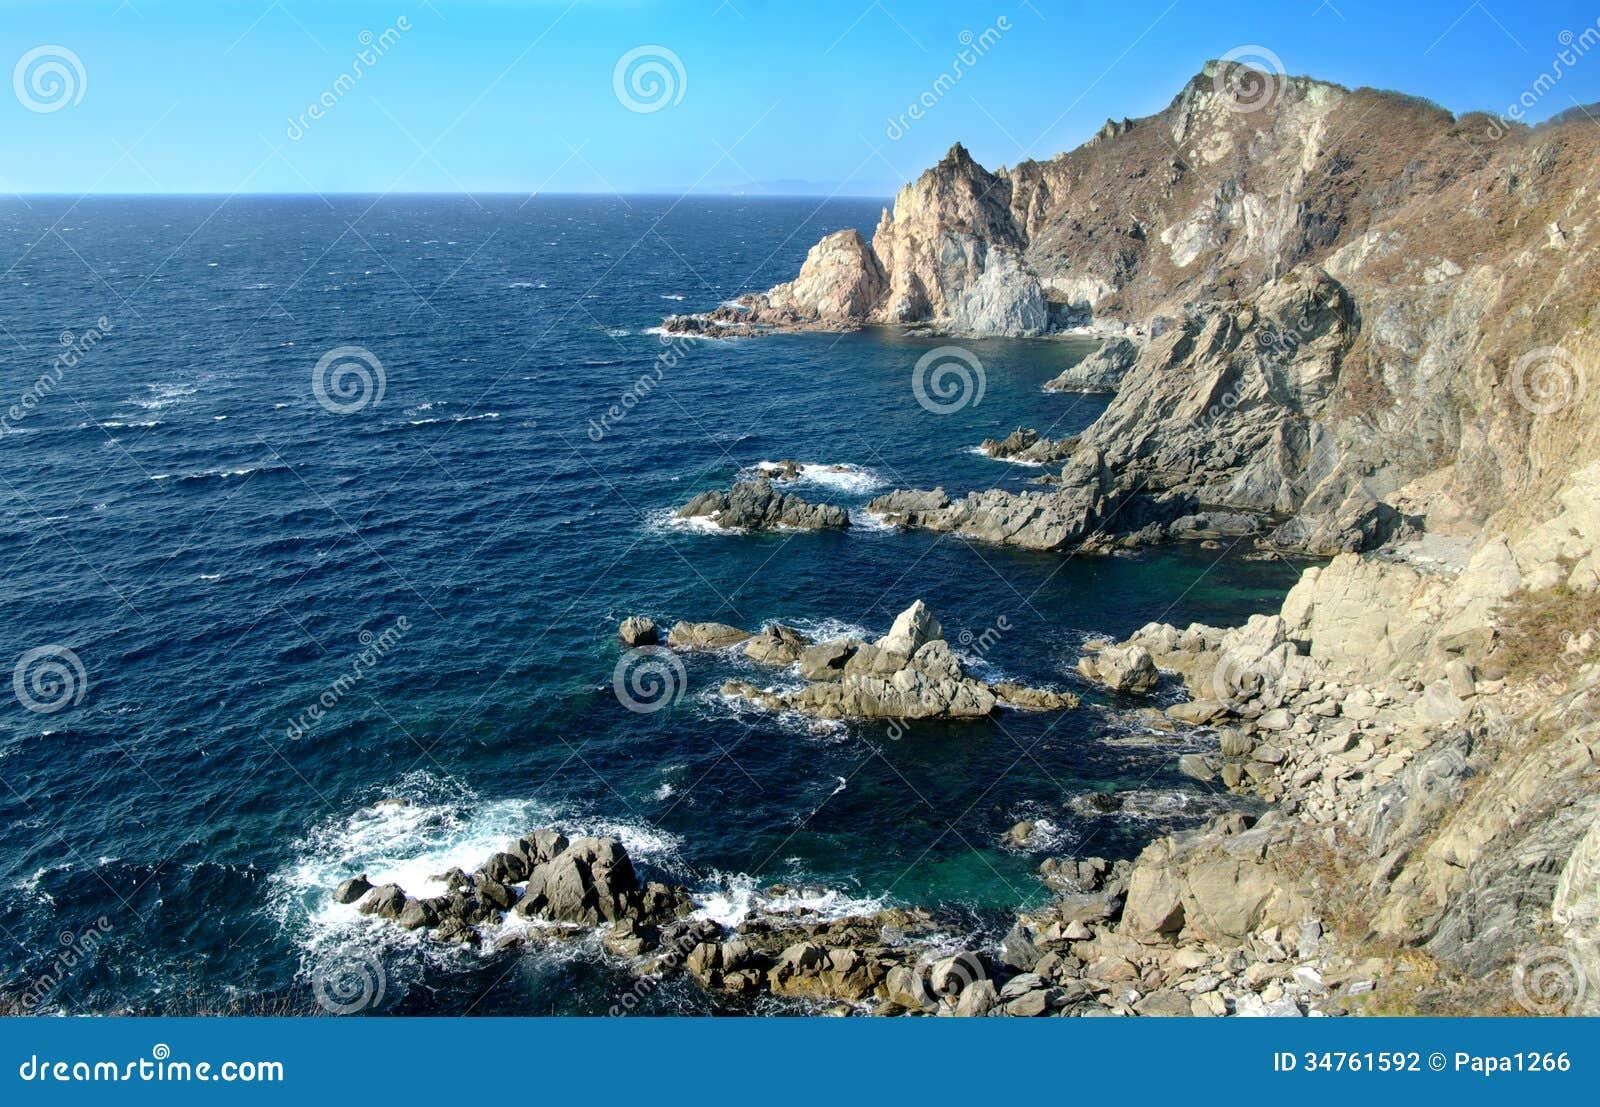 Het overzees van Japan, Primorsky-krai. Rusland